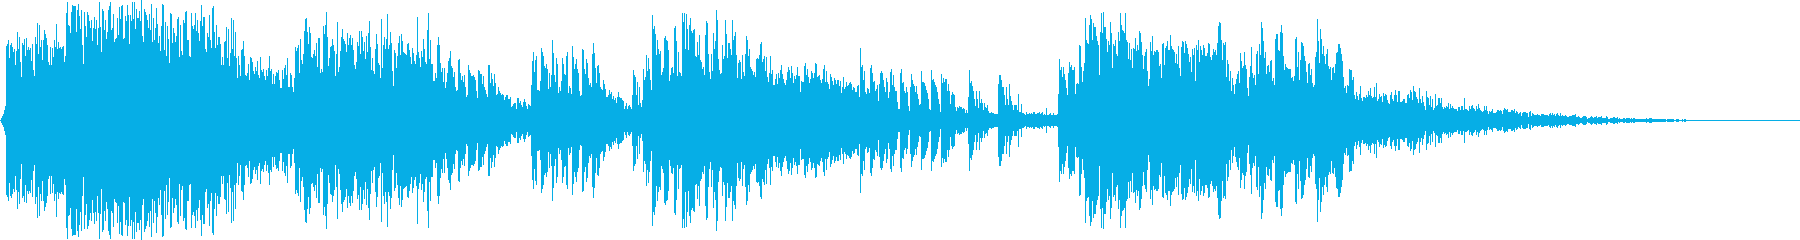 マシンガンバトル:ヘビーガンファイアの再生済みの波形